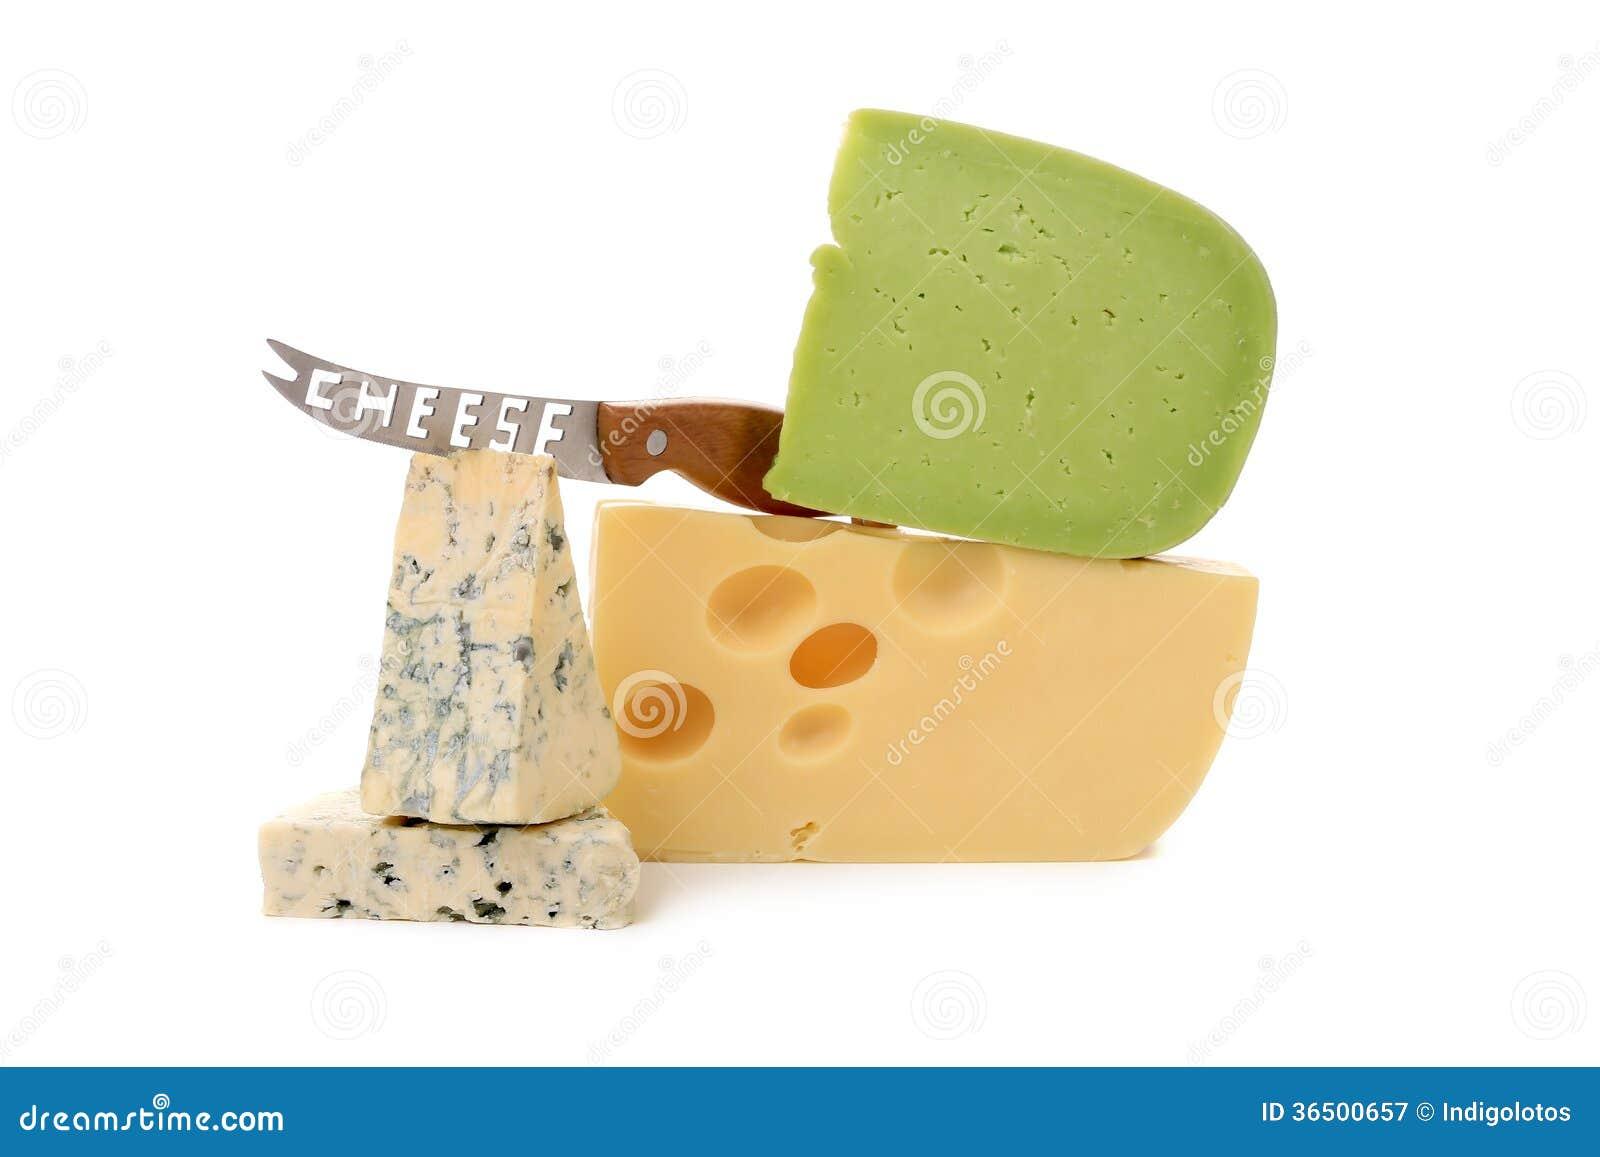 Divers types délicieux de fromage avec le couteau.